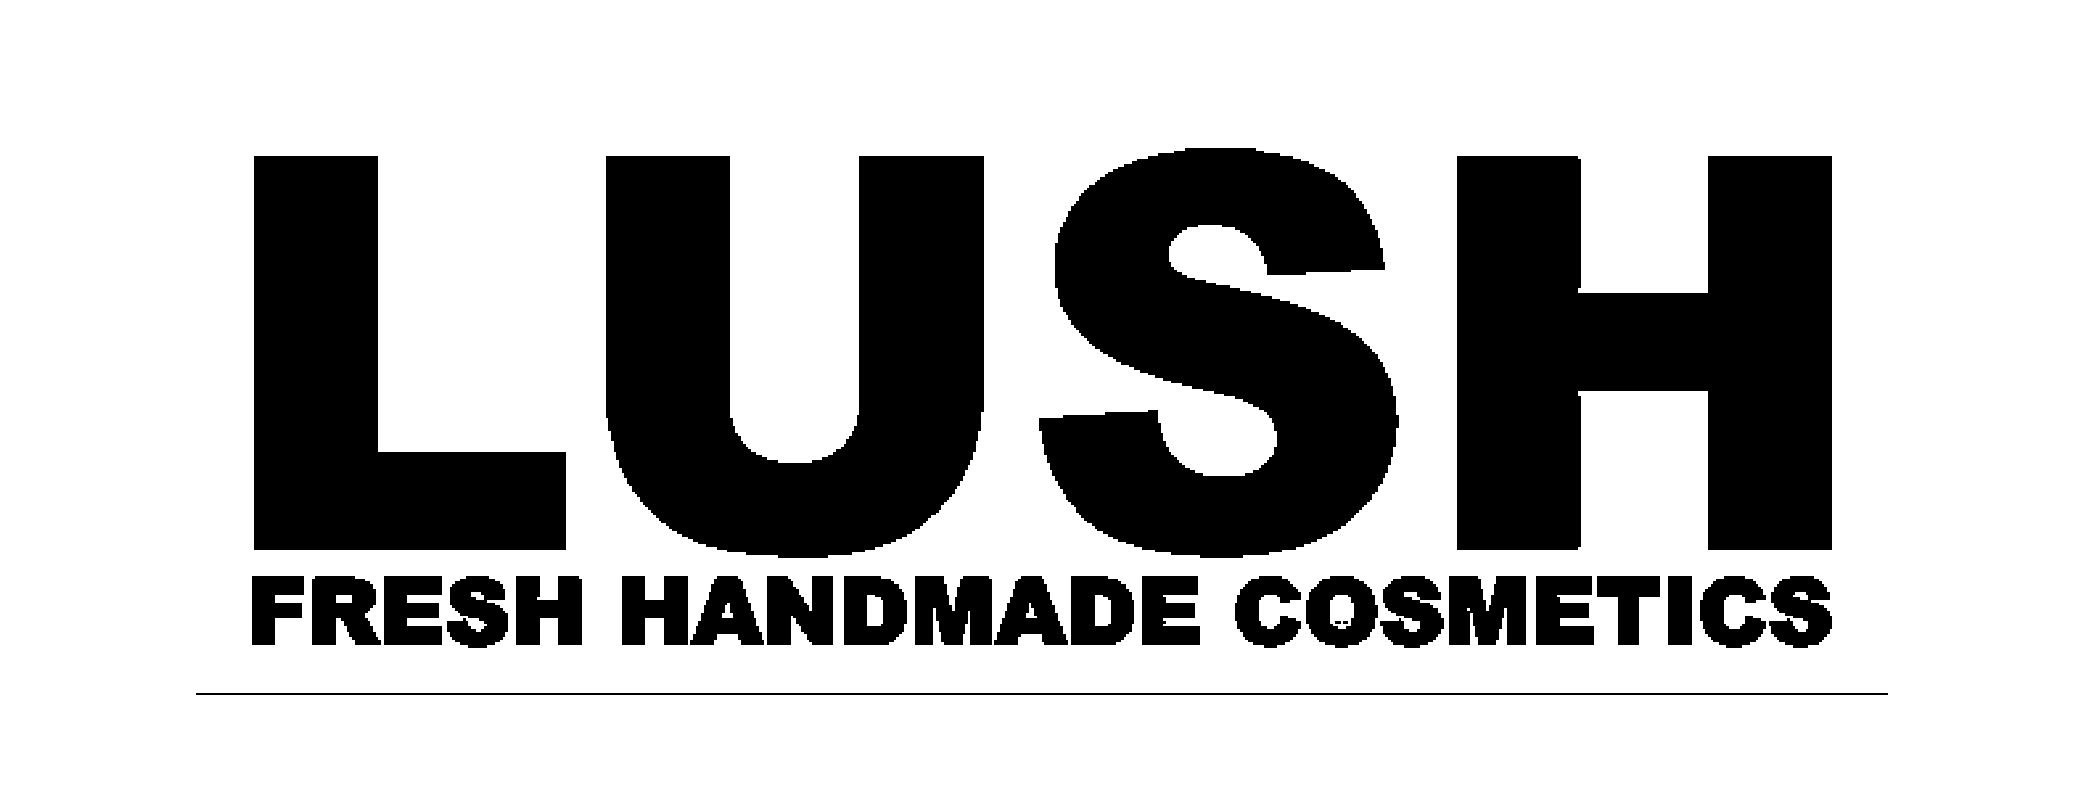 NLP_logo-10.png